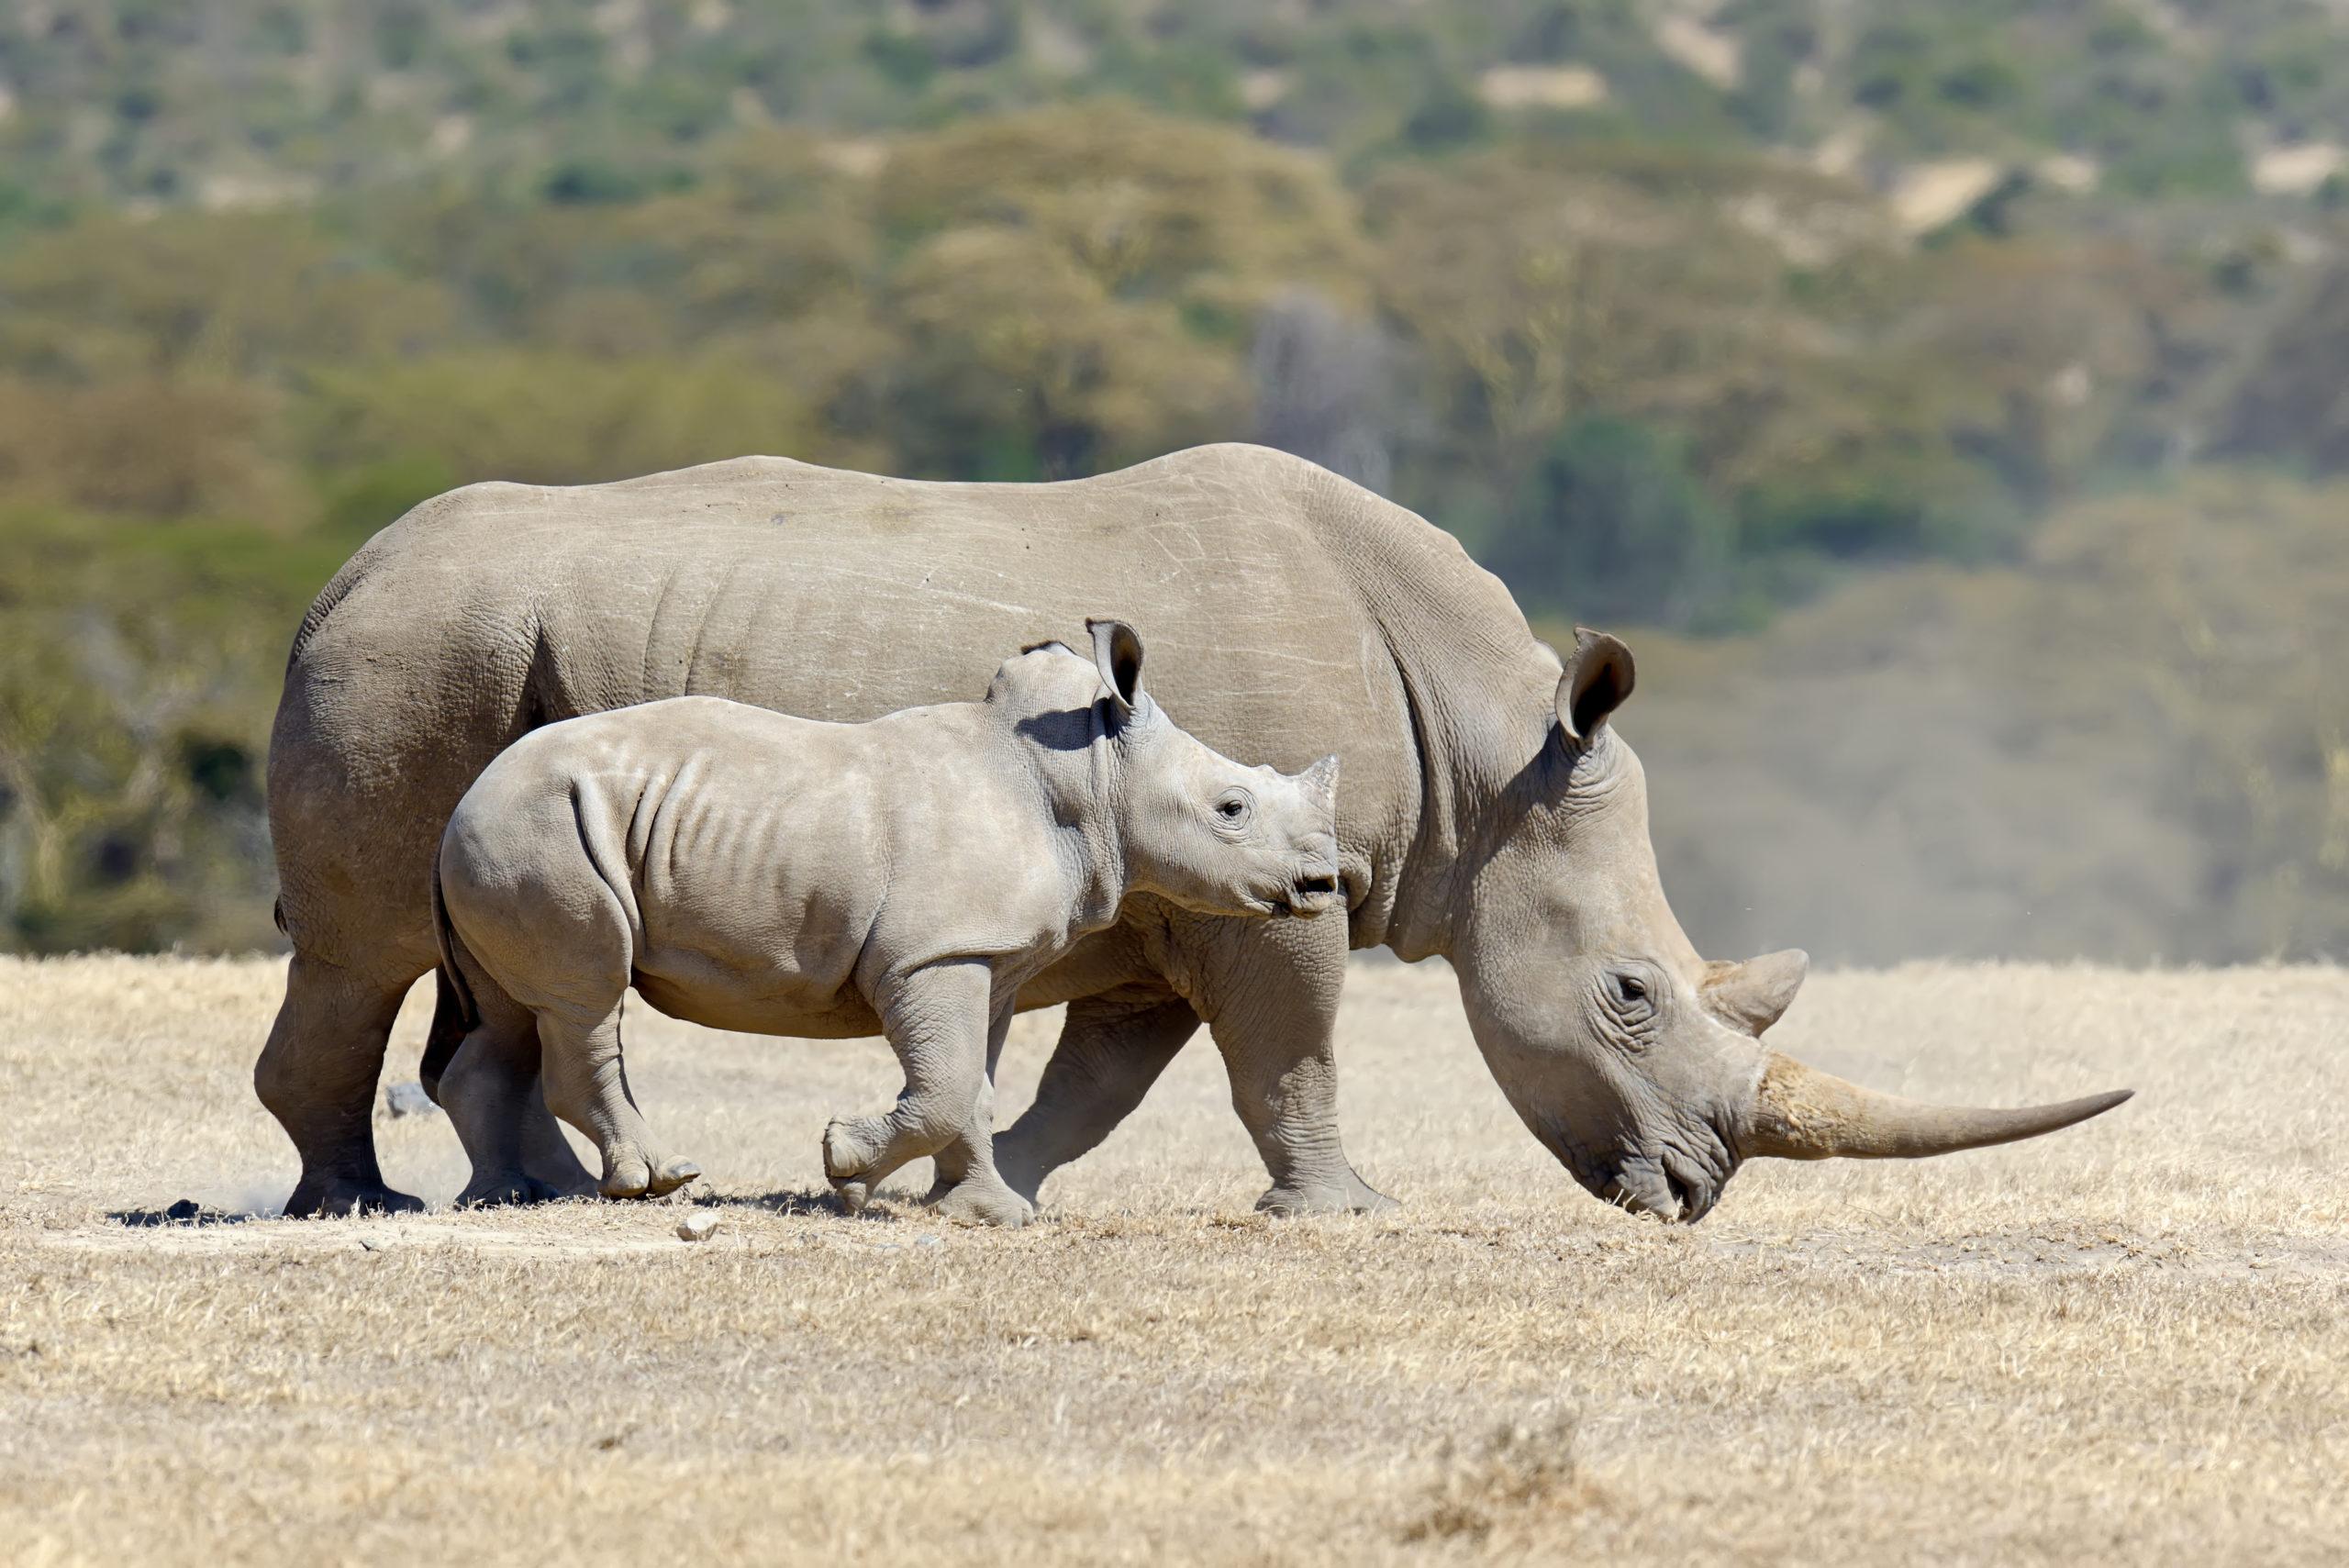 ¡Buenas noticias! Los rinocerontes blancos no se han extinguido